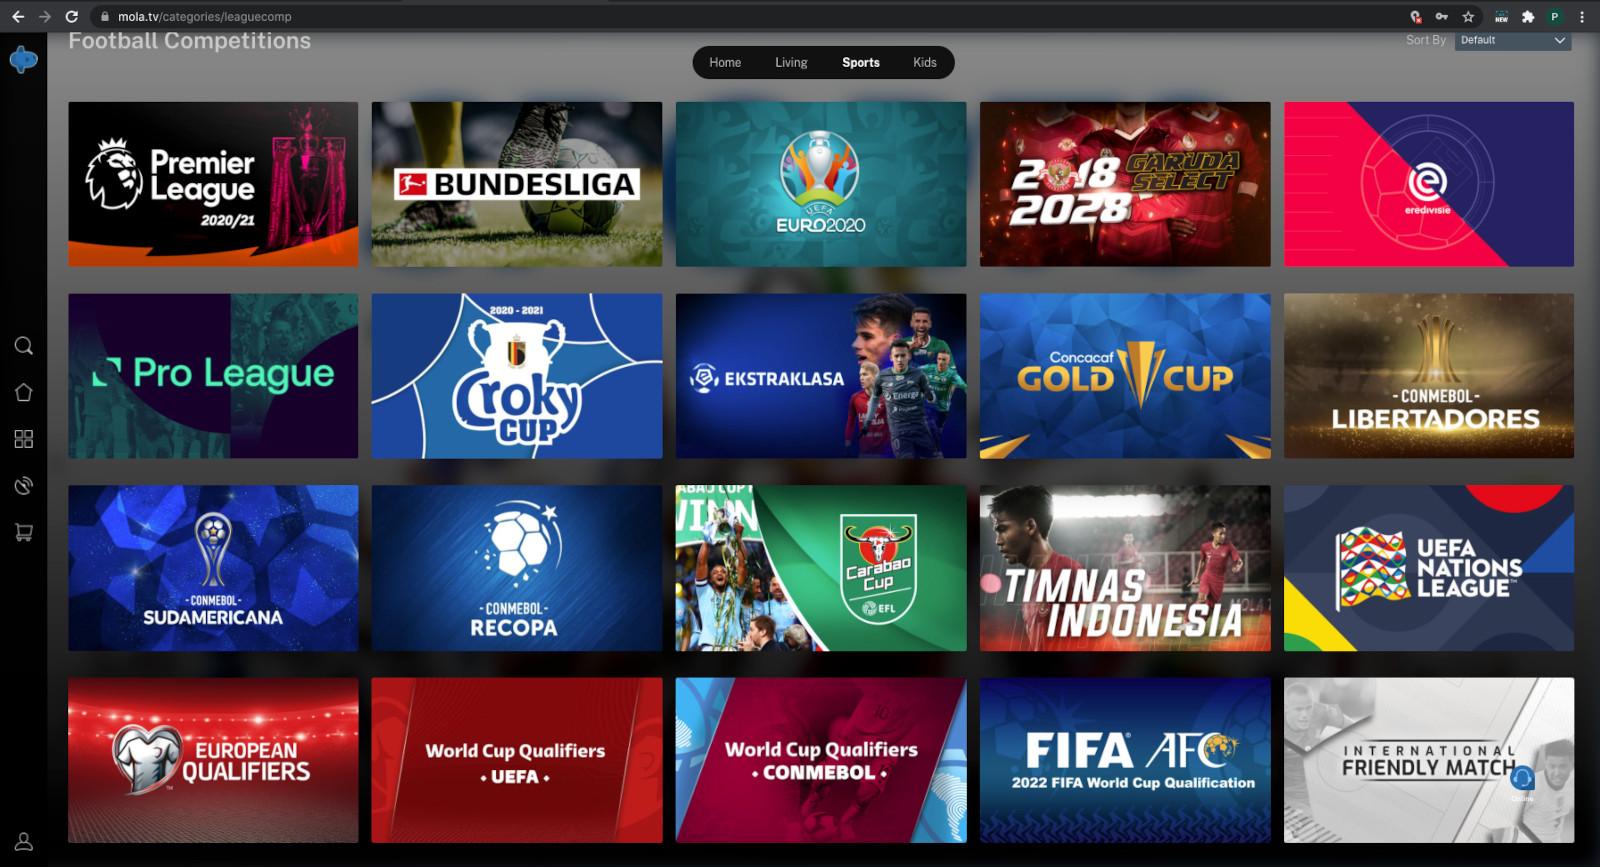 Mola.tv bietet viele Sport-Optionen an